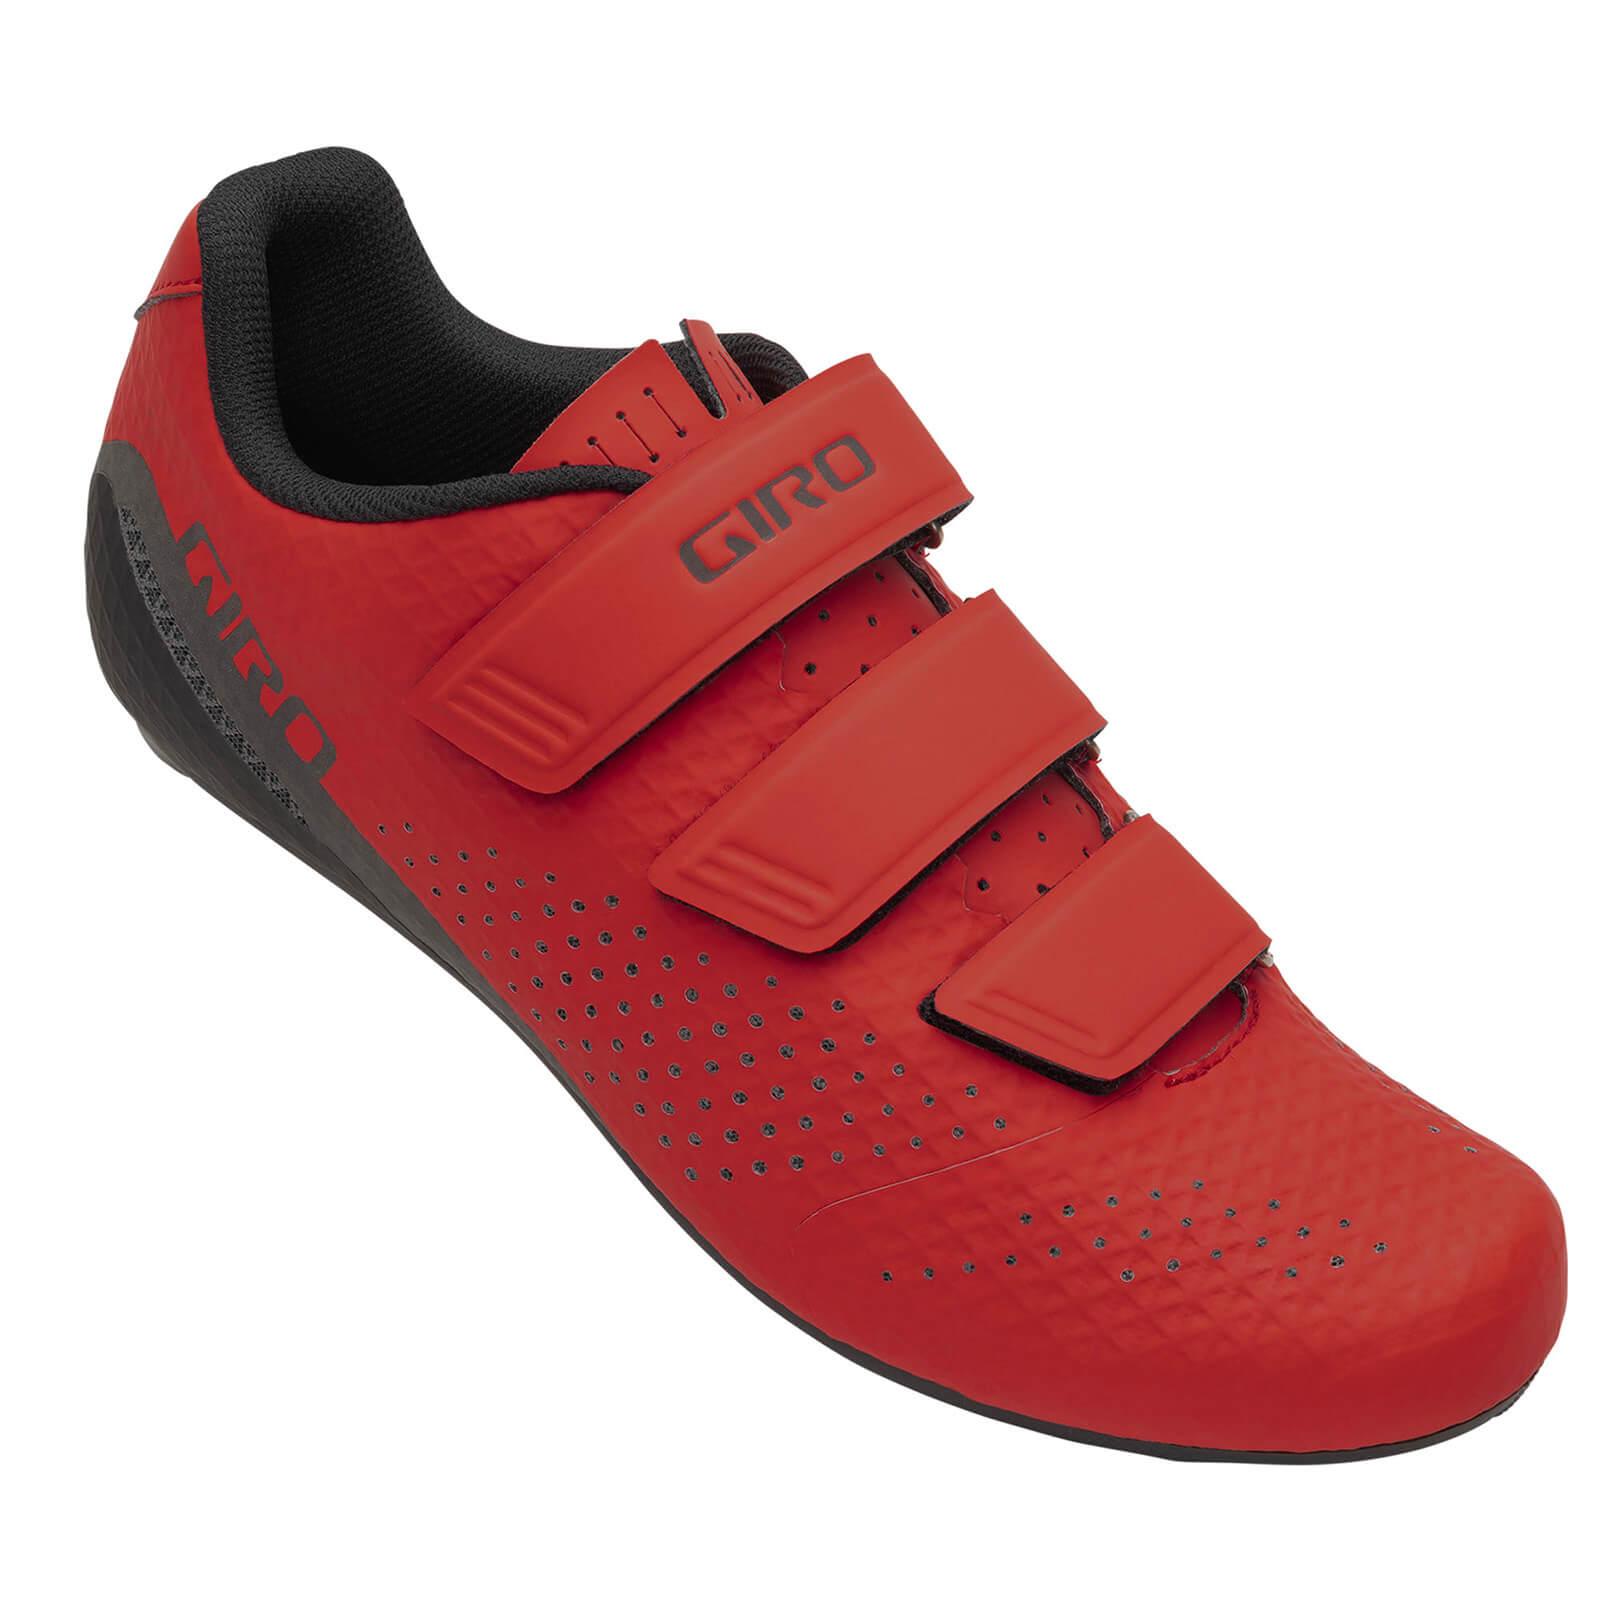 Giro Stylus Road Shoe - EU 42 - Red